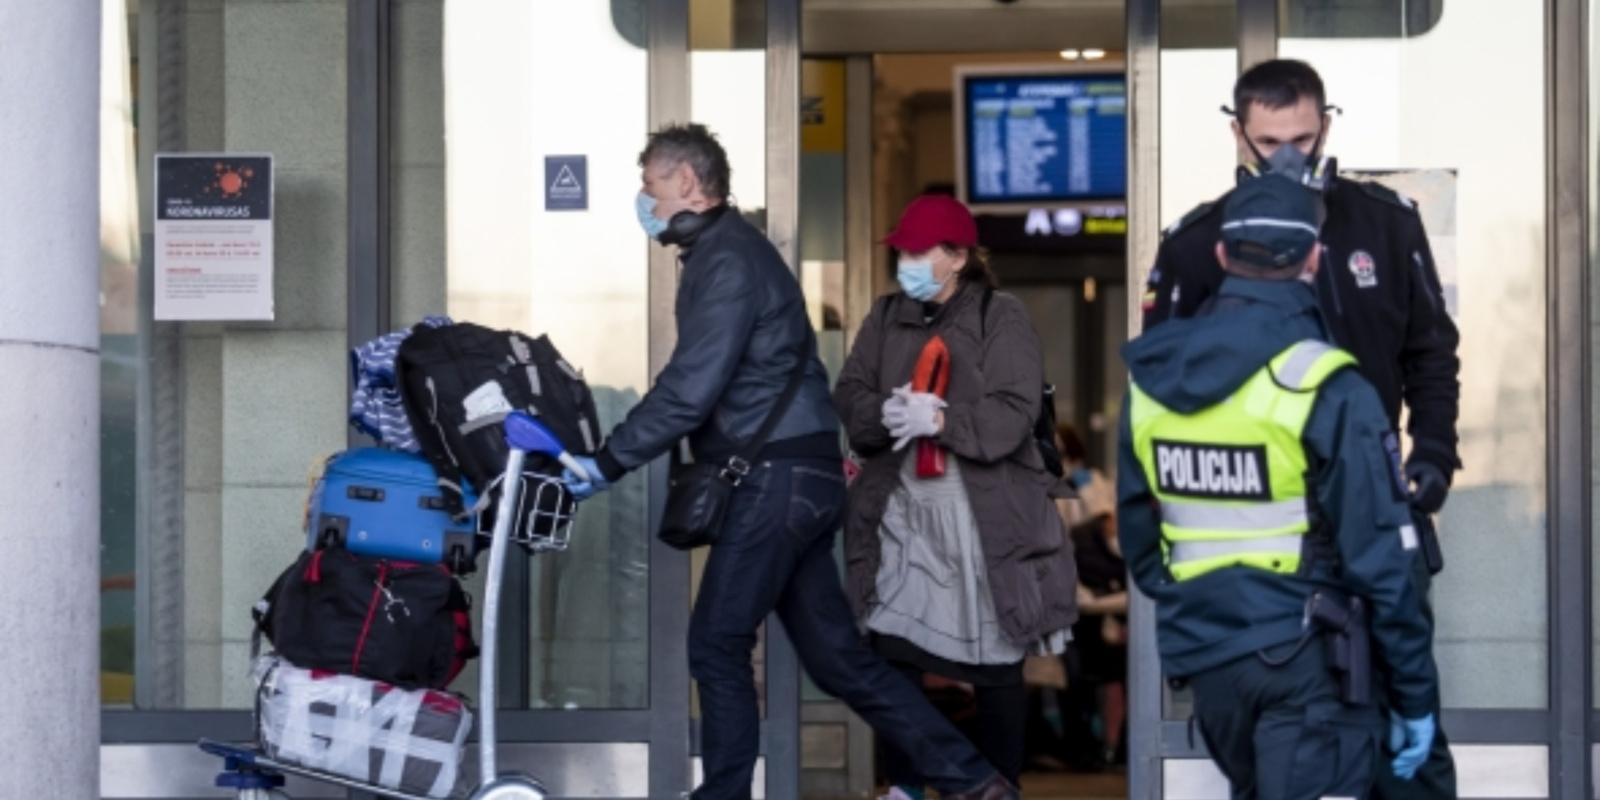 Naujausi koronavirusu užsikrėtusių asmenų maršrutai: paviešintos naujos apsilankymo vietos